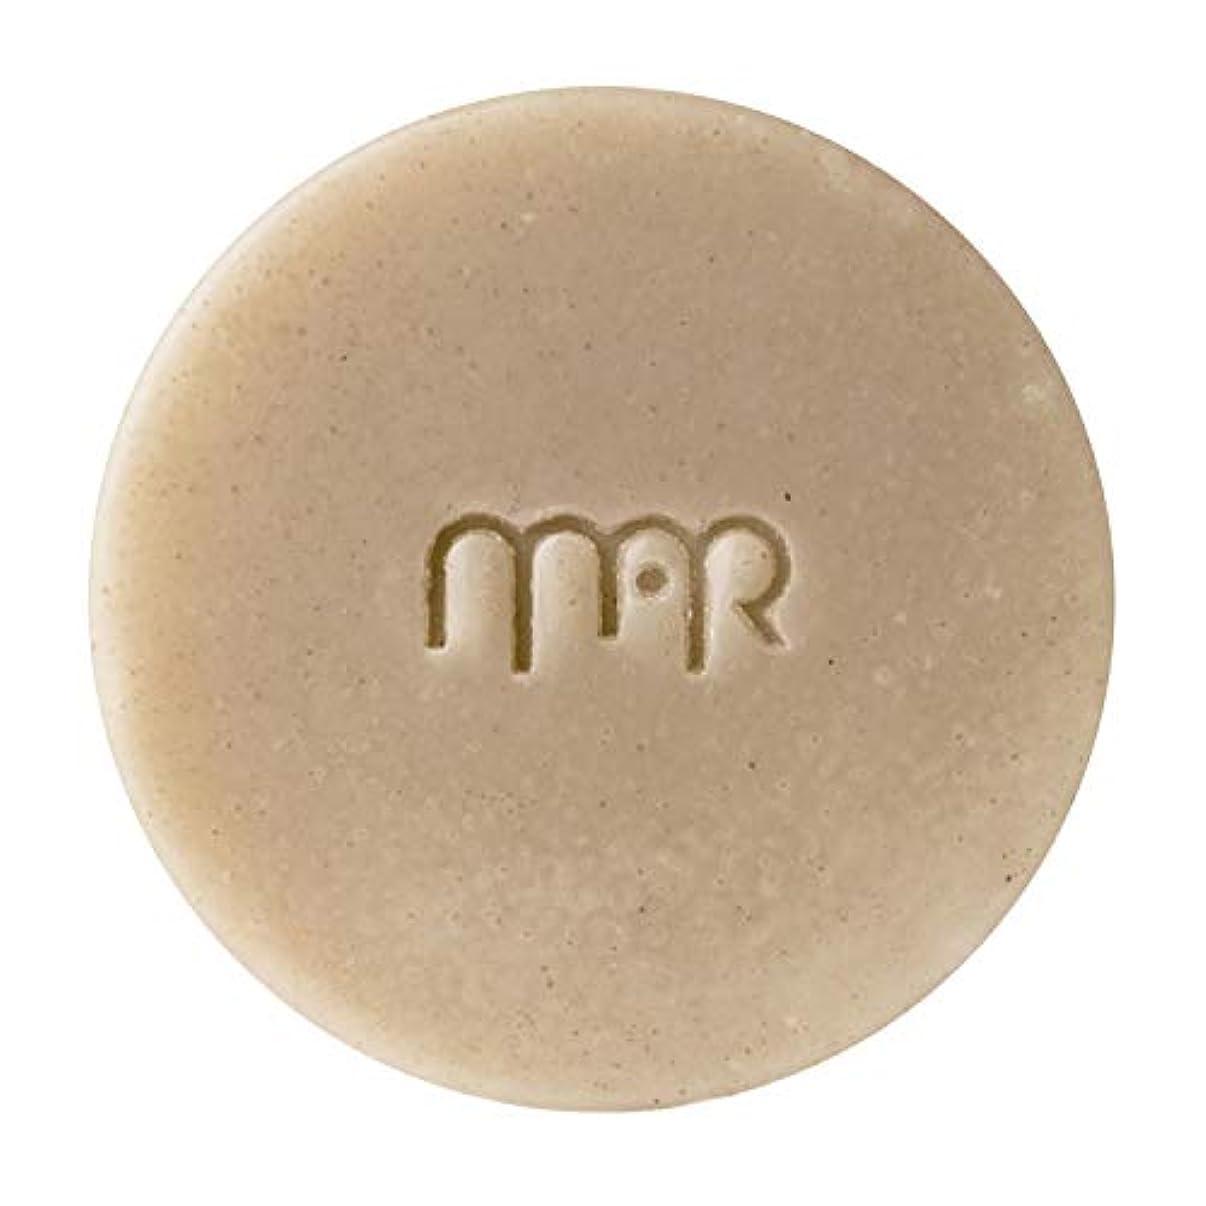 鑑定予定暗くするマールアペラル (MARapelar) オーガニッククレイ石鹸(大) 80g / 約30日分